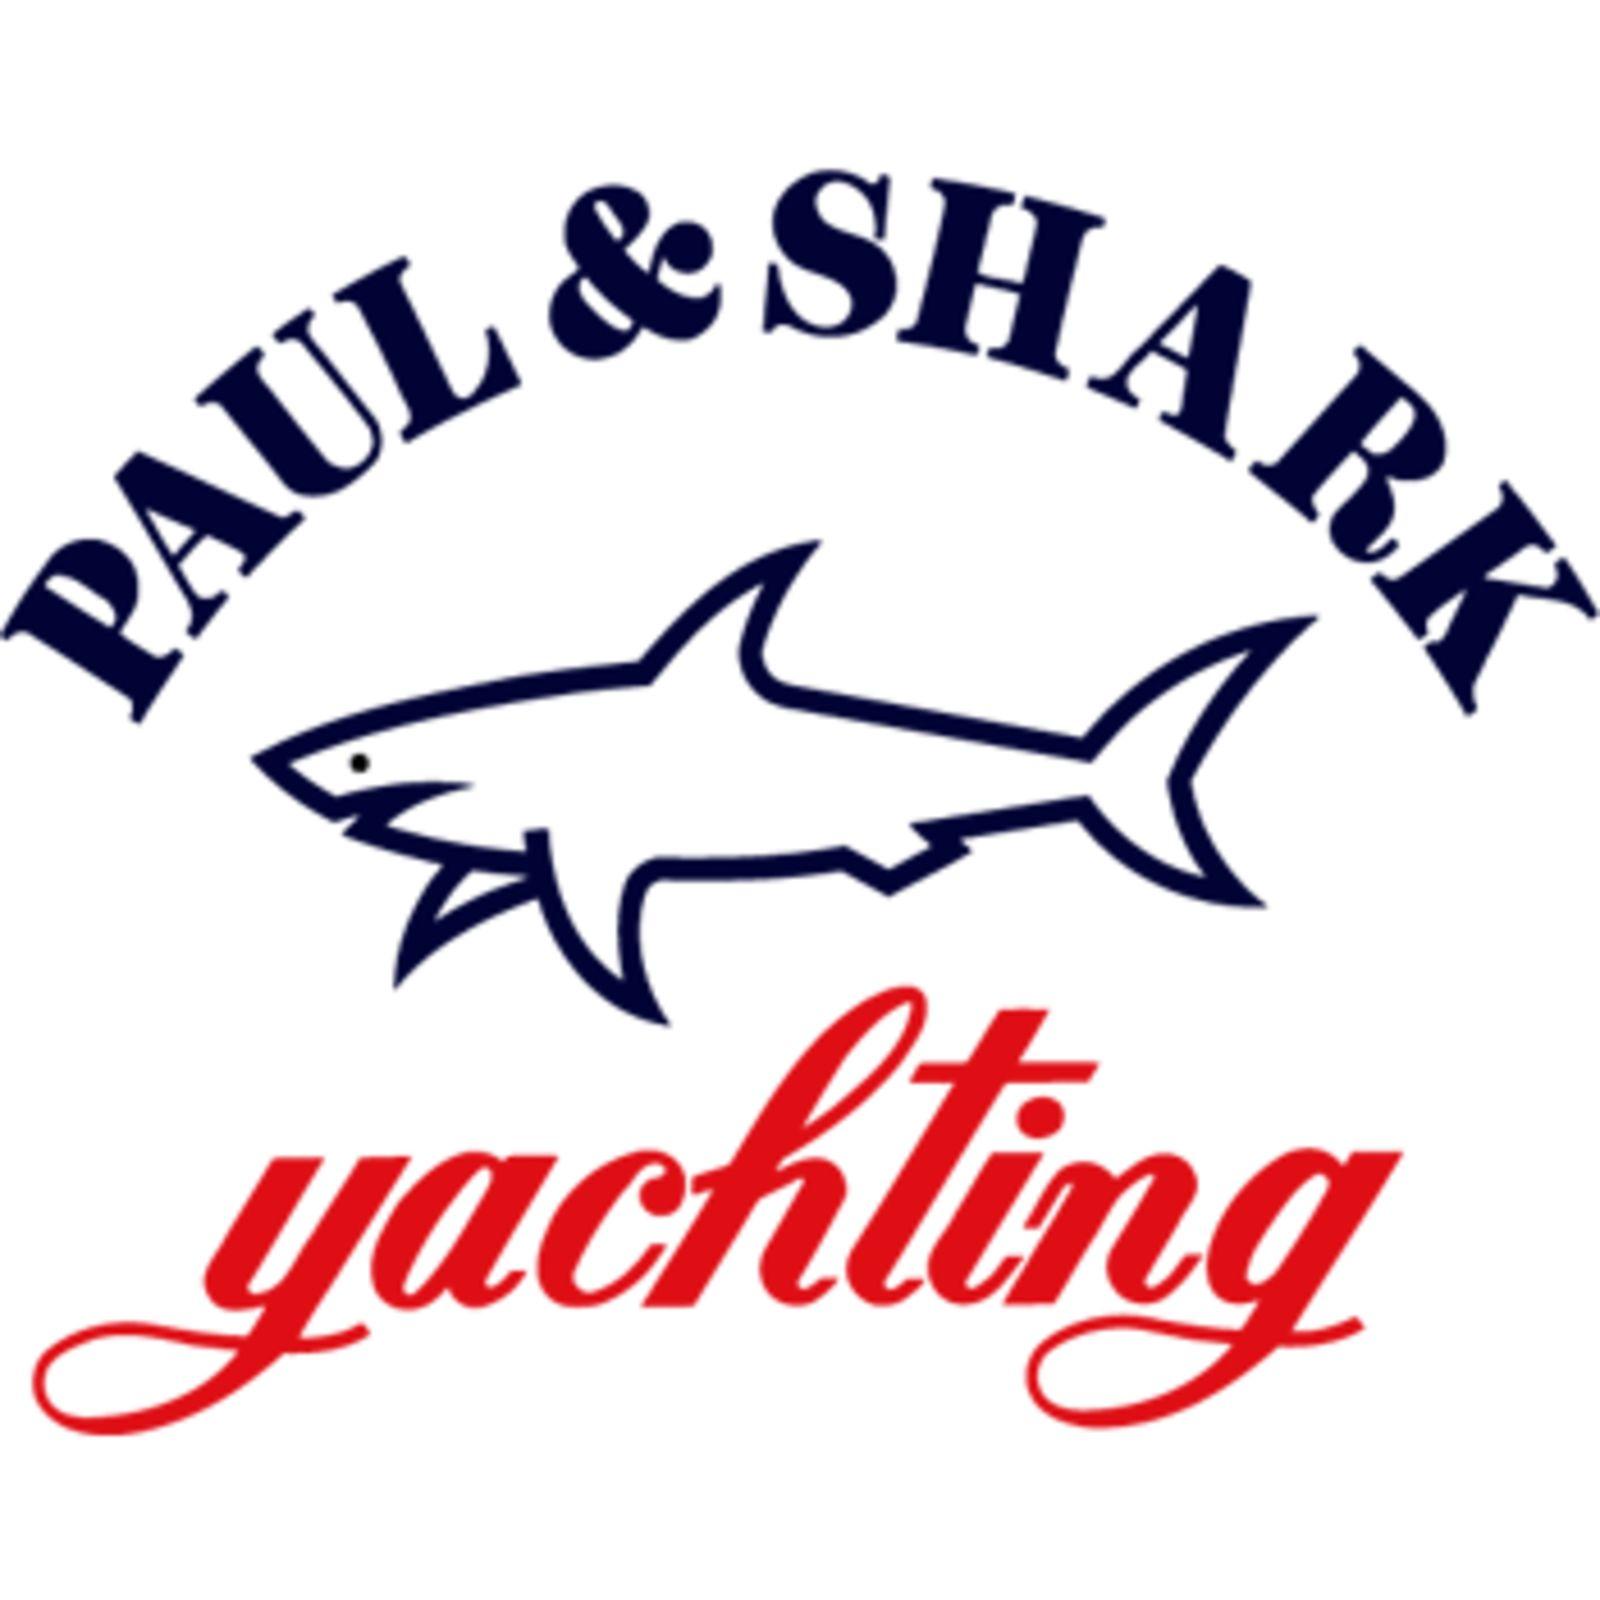 Paul & Shark (Image 1)